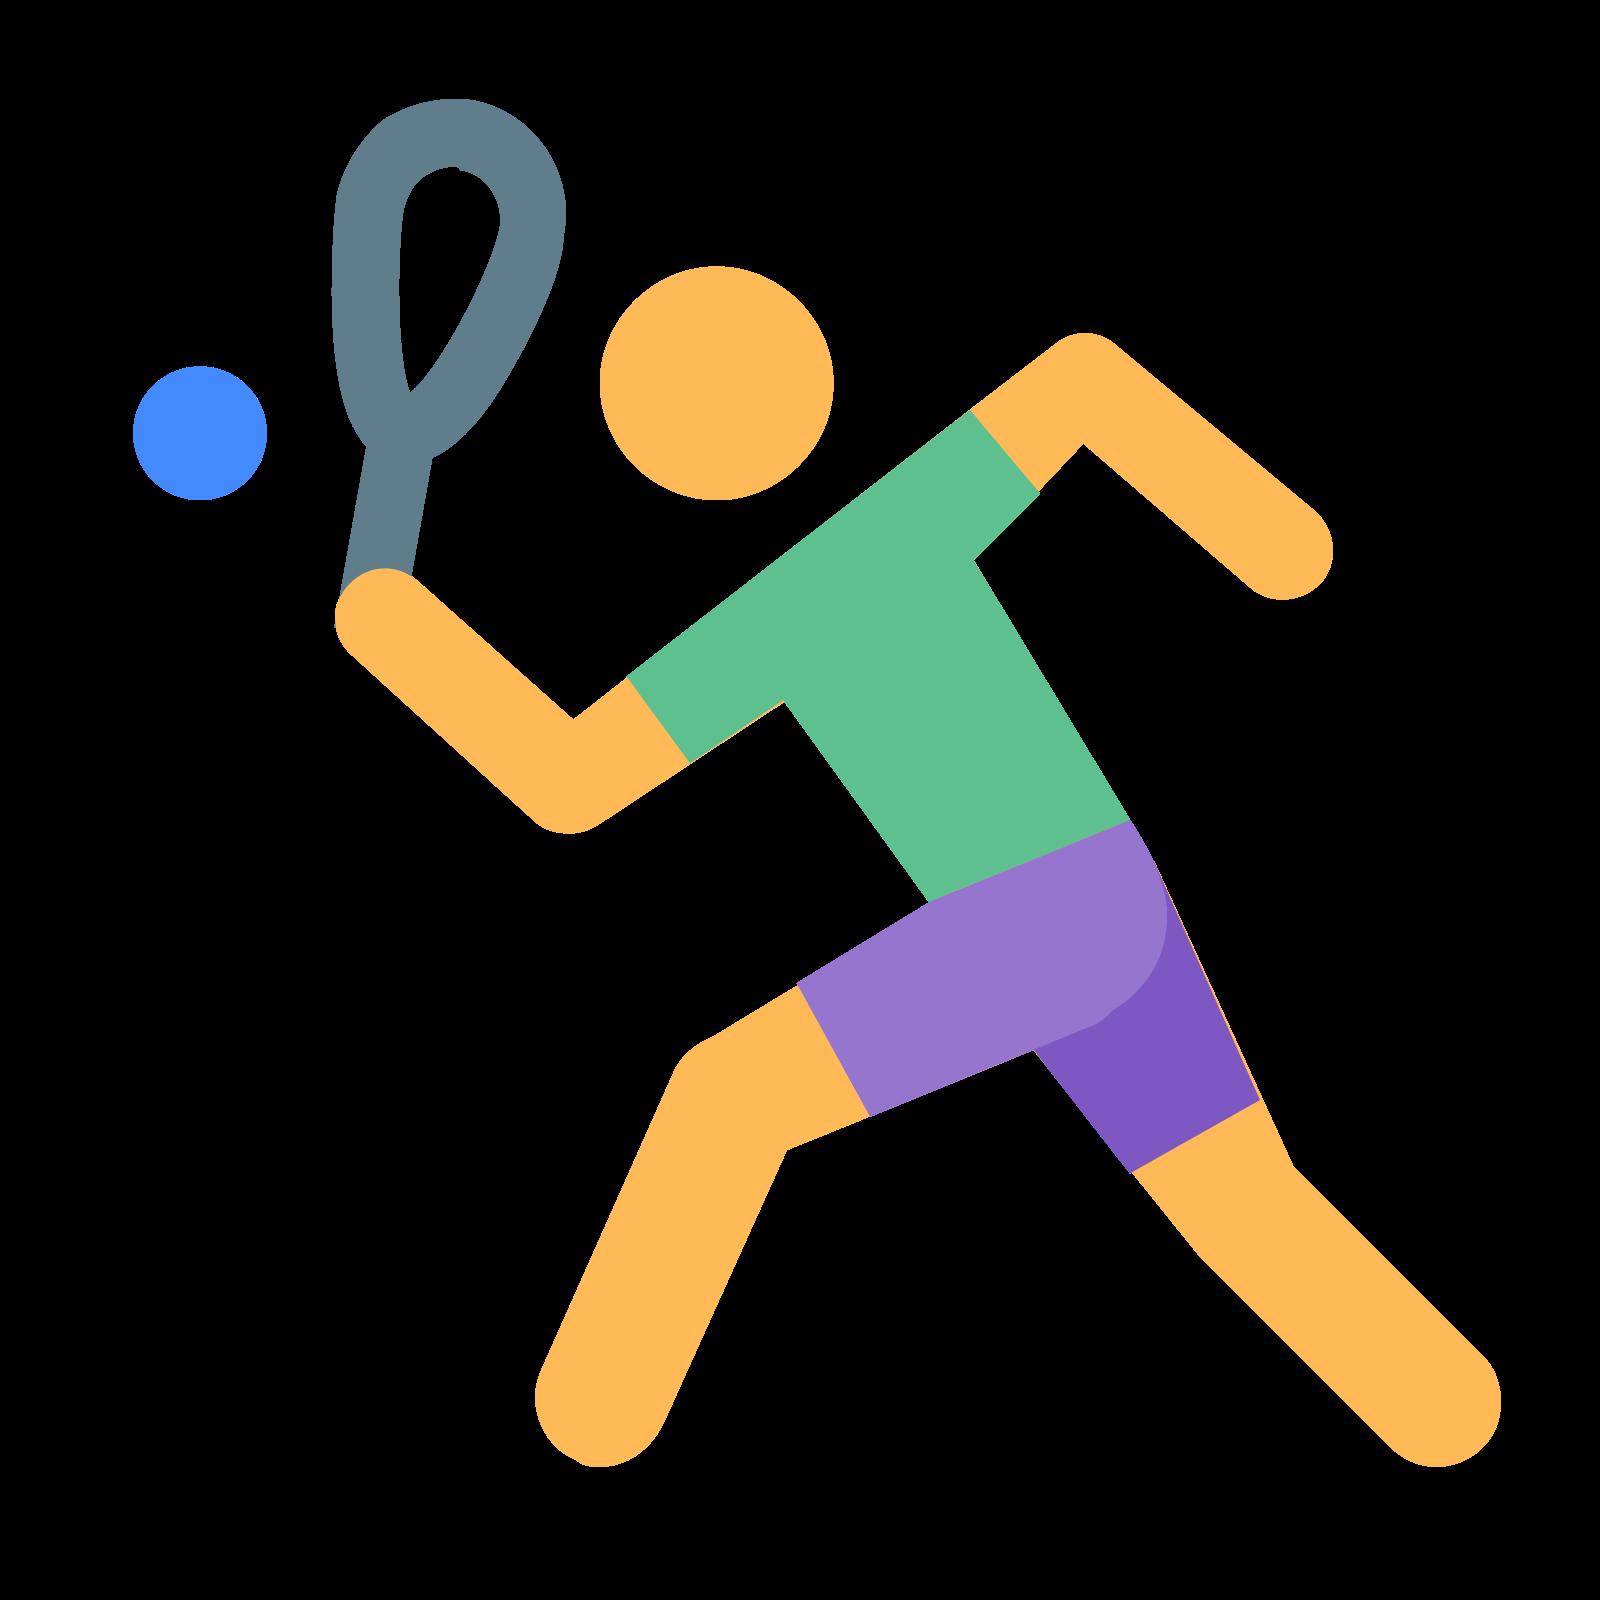 Racquetball icon